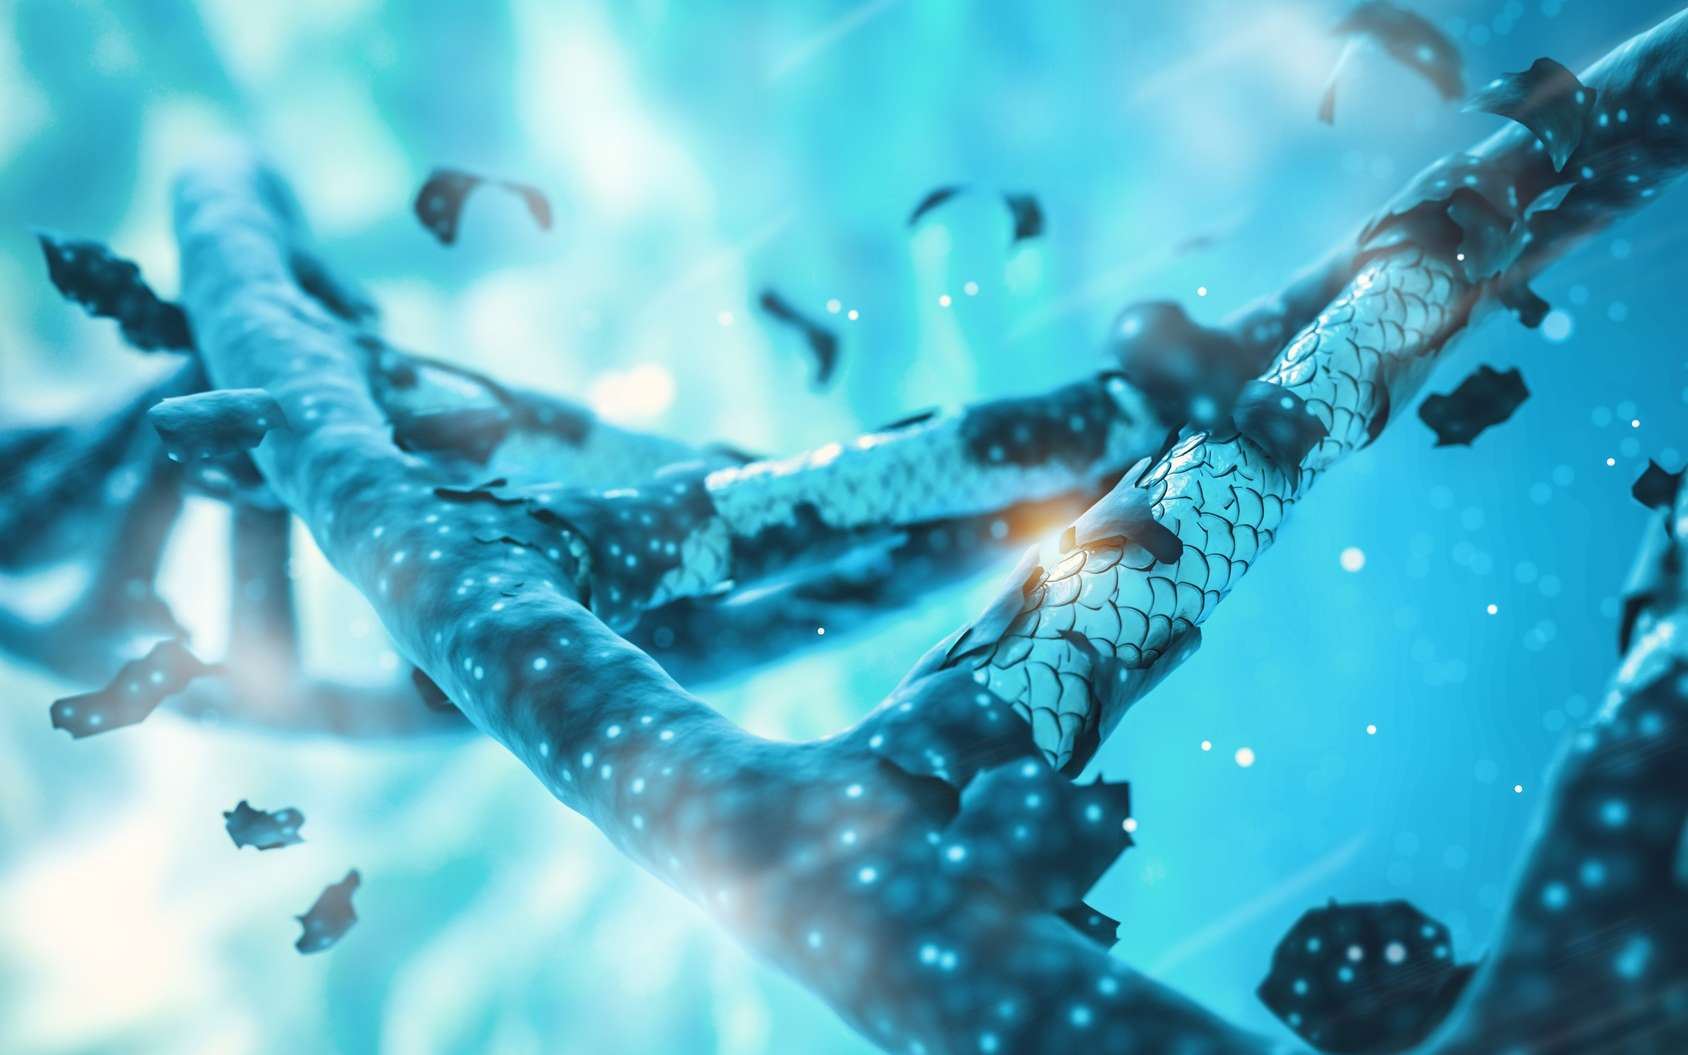 Une vidéo exceptionnelle, ou plutôt un GIF animé, montre le complexe CRISPR-Cas9 en train de couper de l'ADN. © catalin, Fotolia